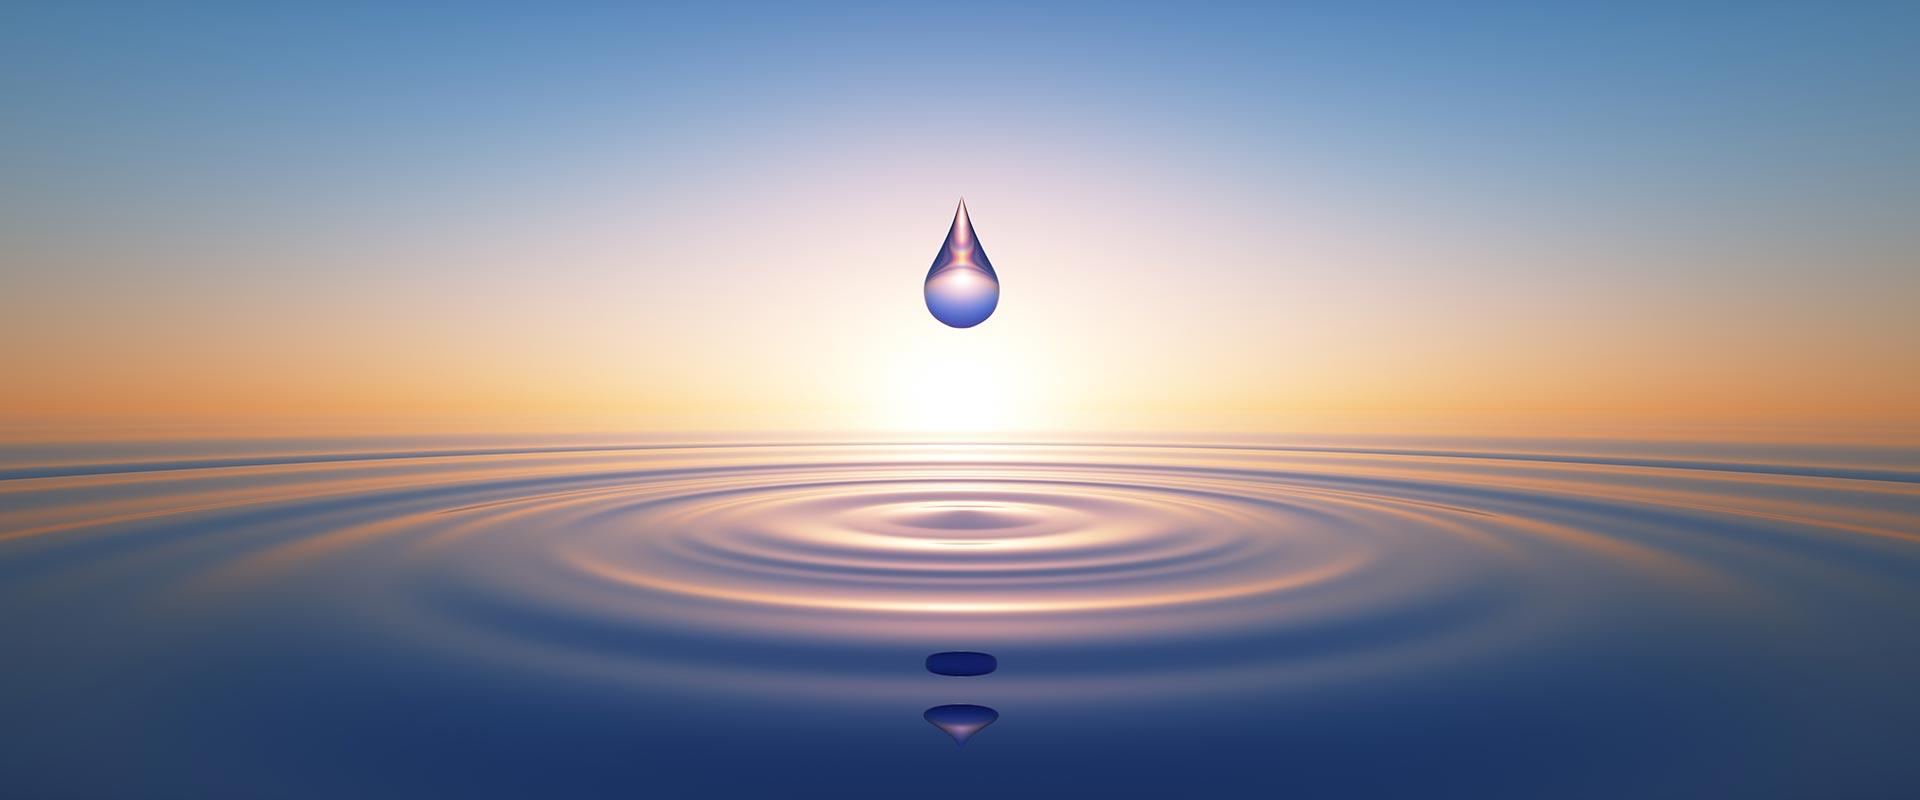 Wassertropfen im Sonnenuntergang